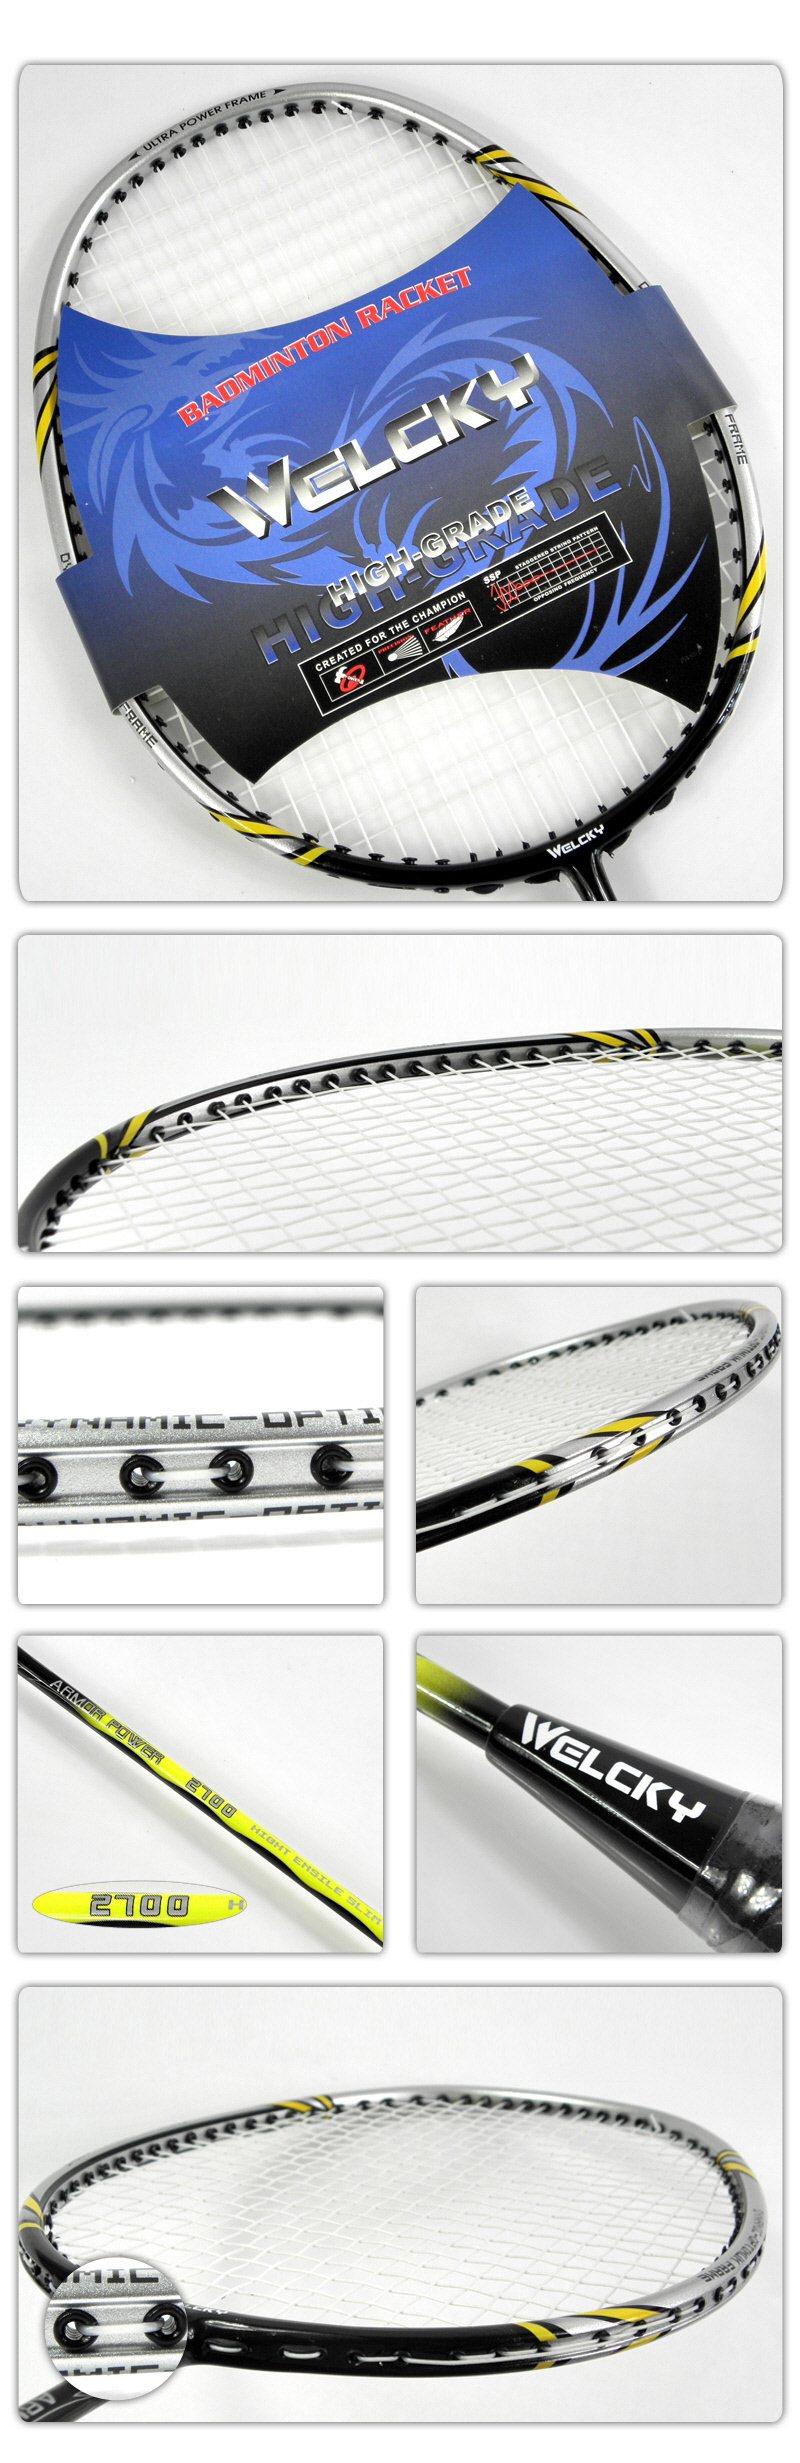 Buy WELCKY Authentic Carbon Fiber 2pcs Badminton Rackets  : c32f8f42 f1a7 4d2d 8965 6f143179b5b7 from www.bydeals.net size 800 x 2463 jpeg 302kB